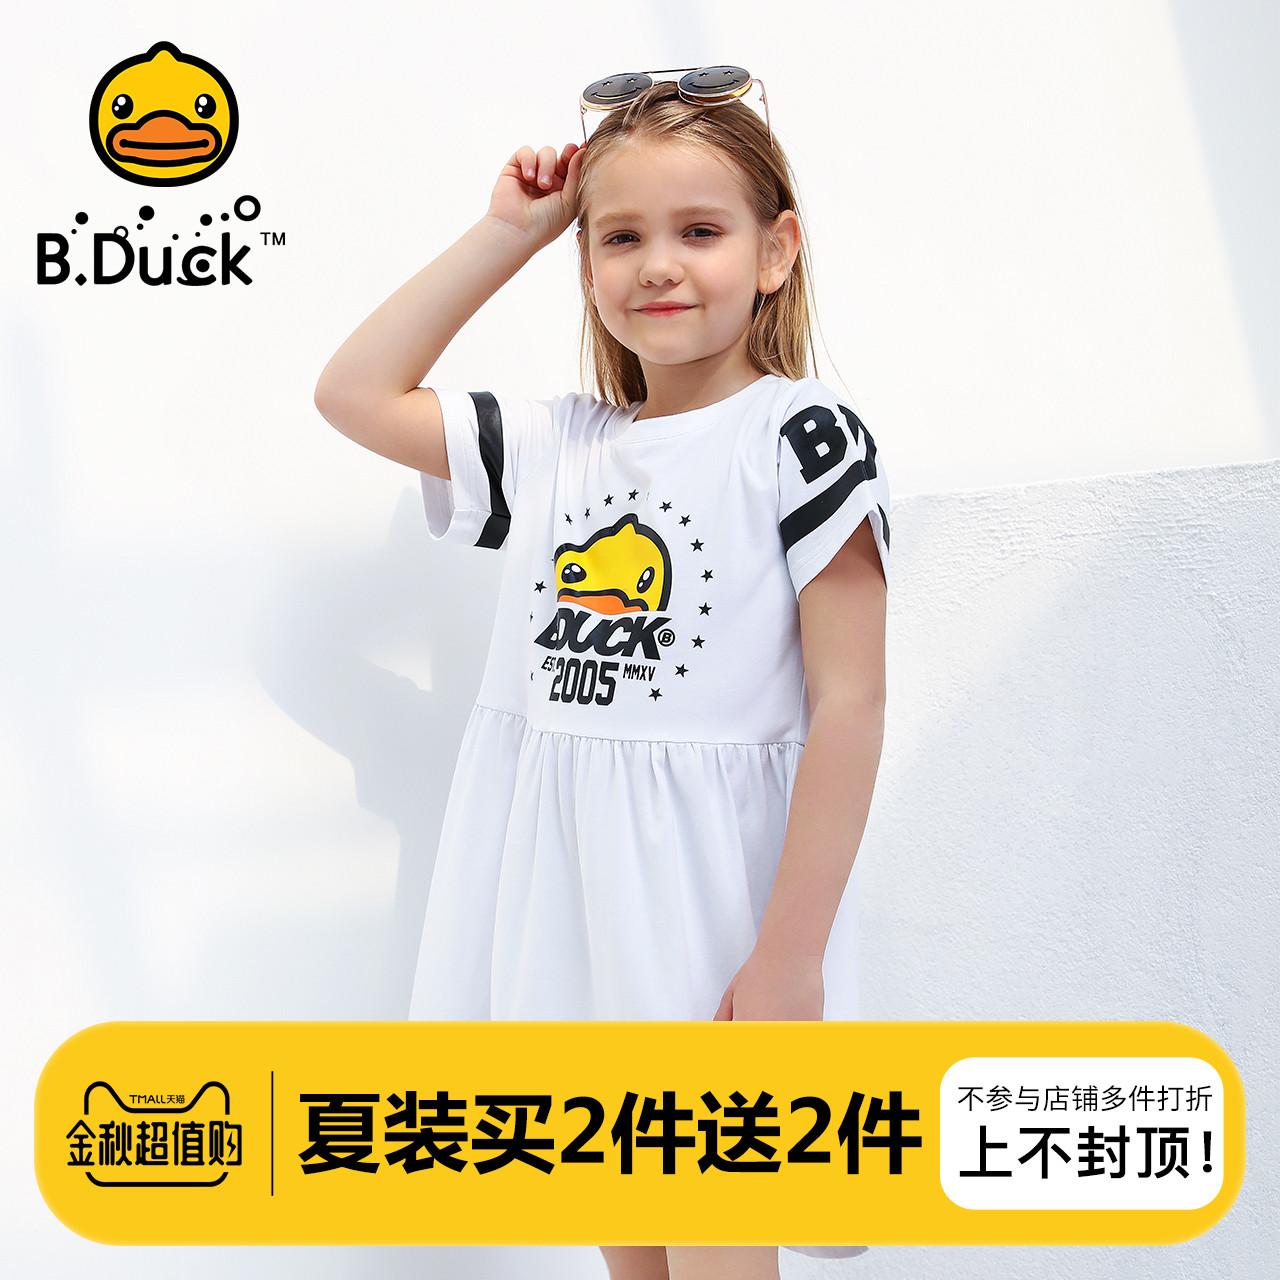 券后169.00元b . duck小黄鸭童装女童短袖公主裙